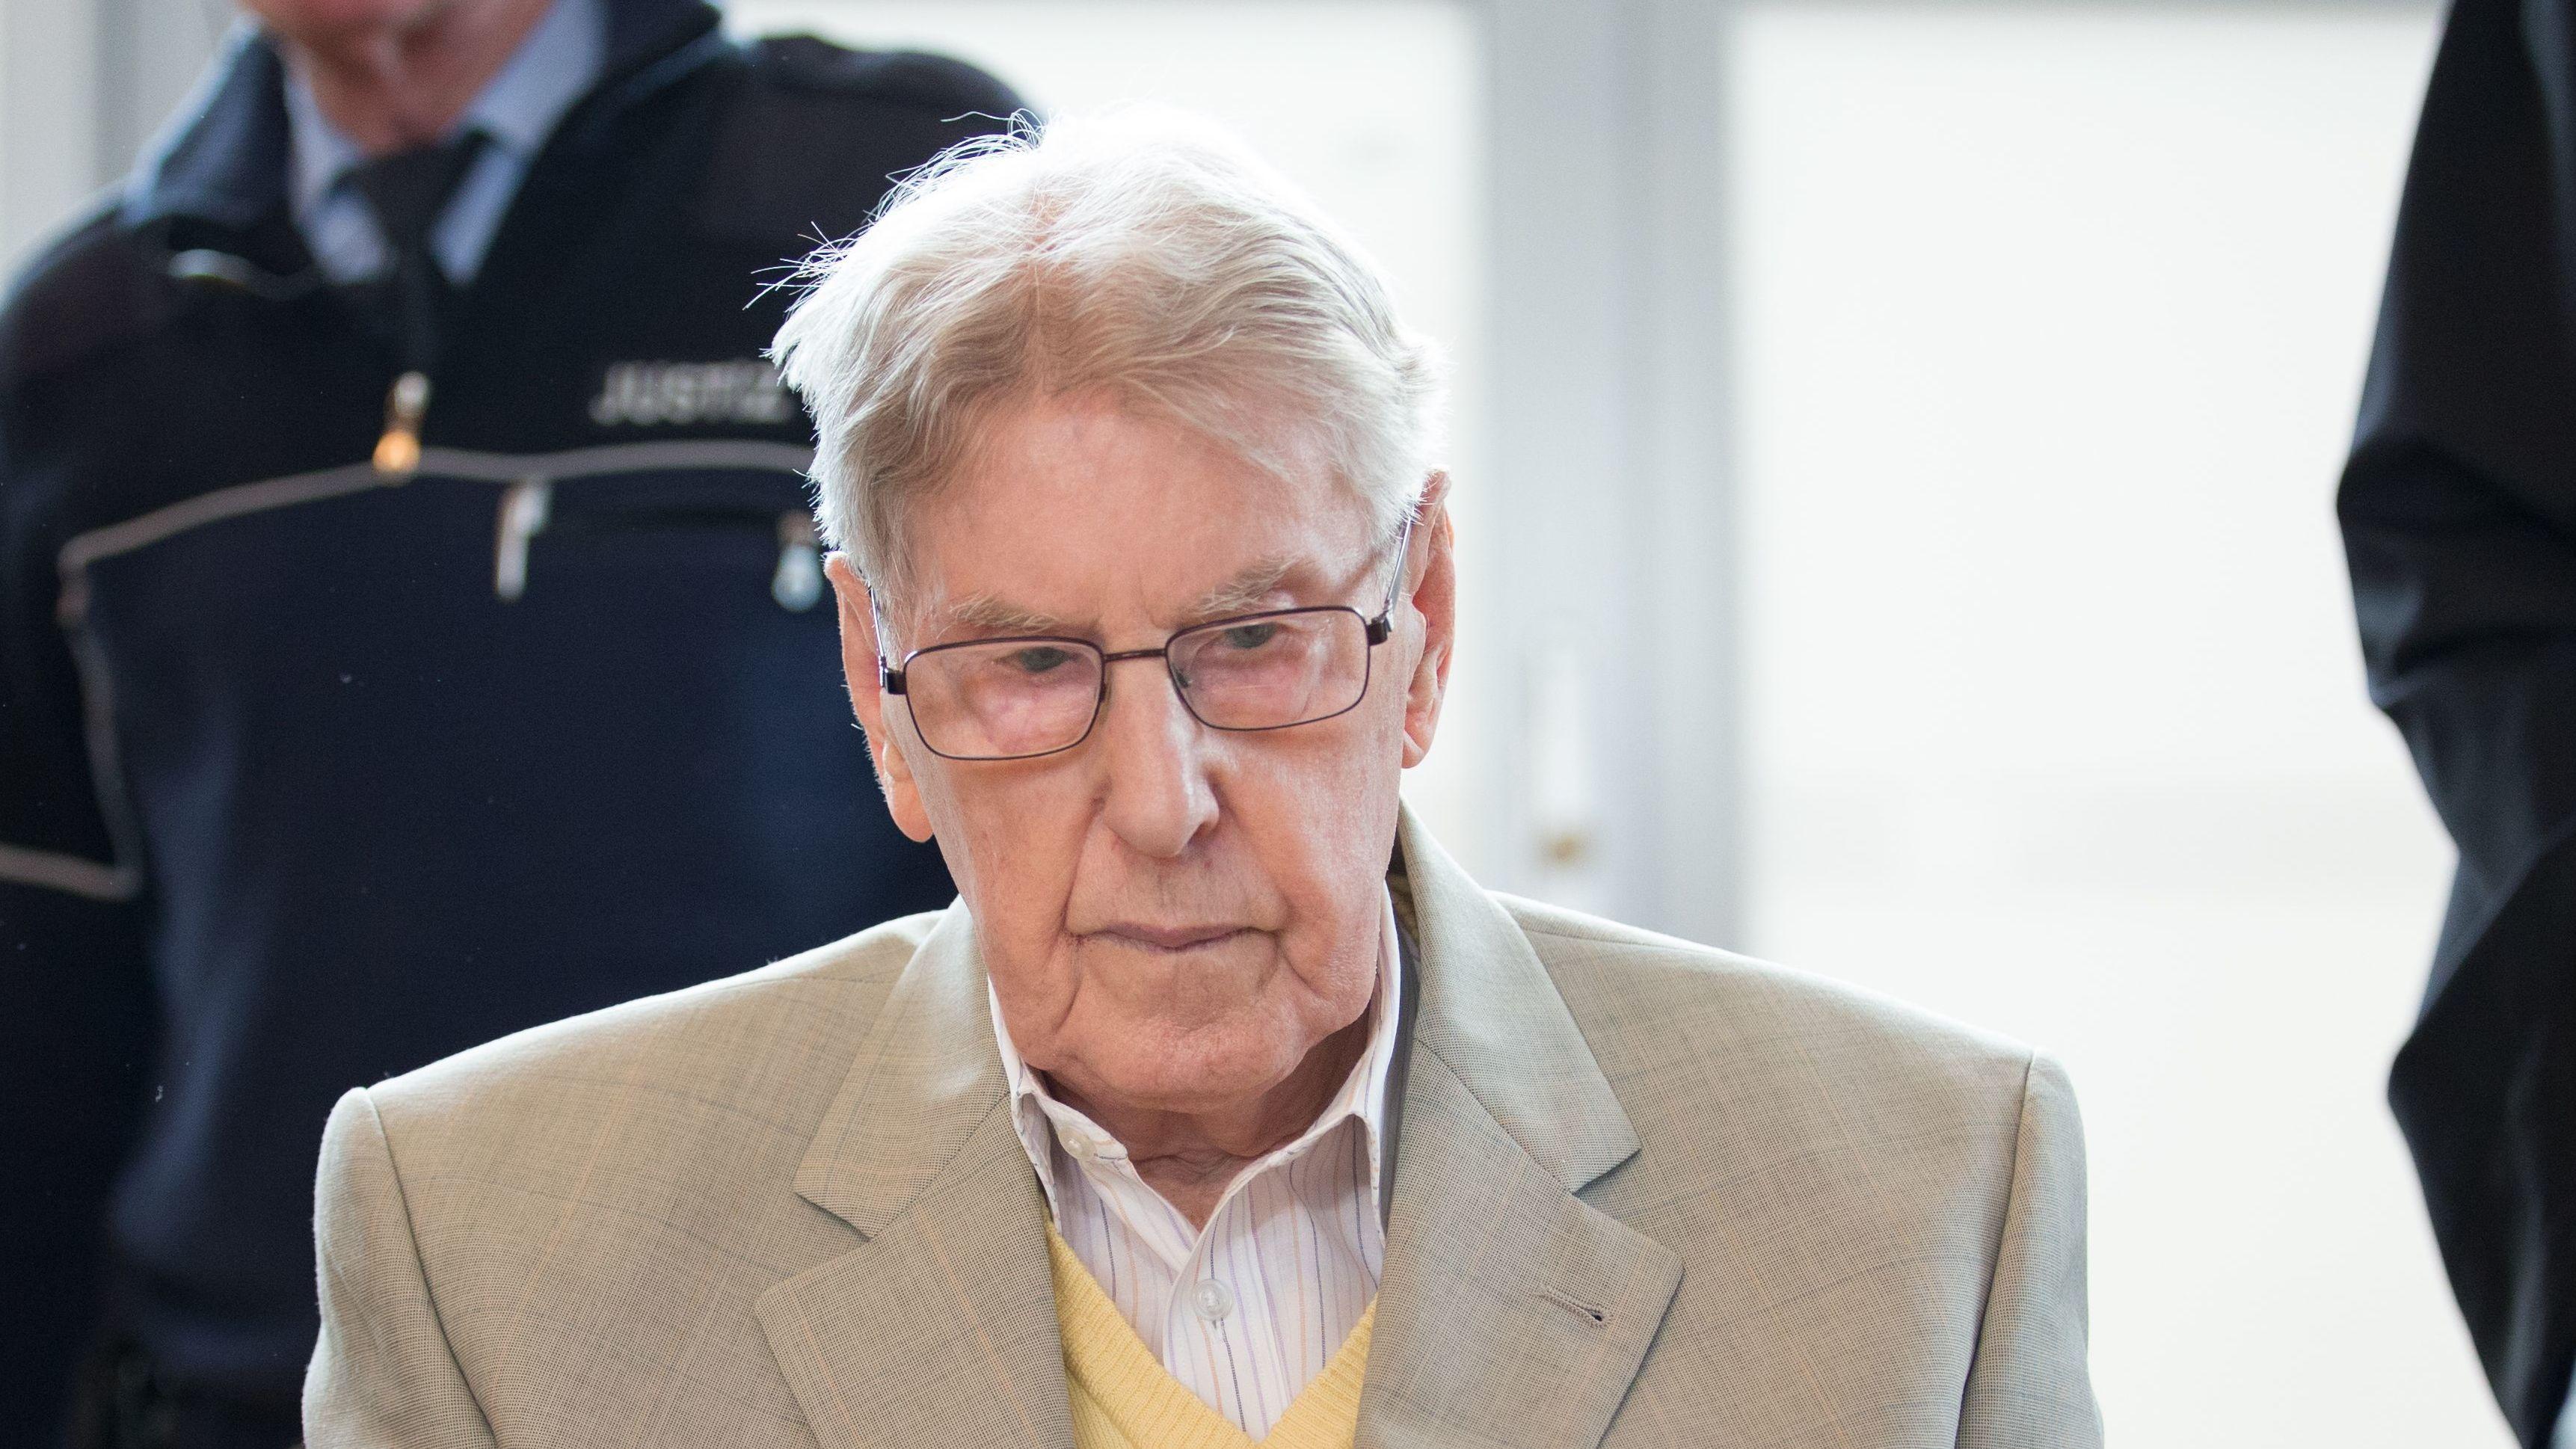 Former Auschwitz Guard Dies Before Beginning Prison Sentence